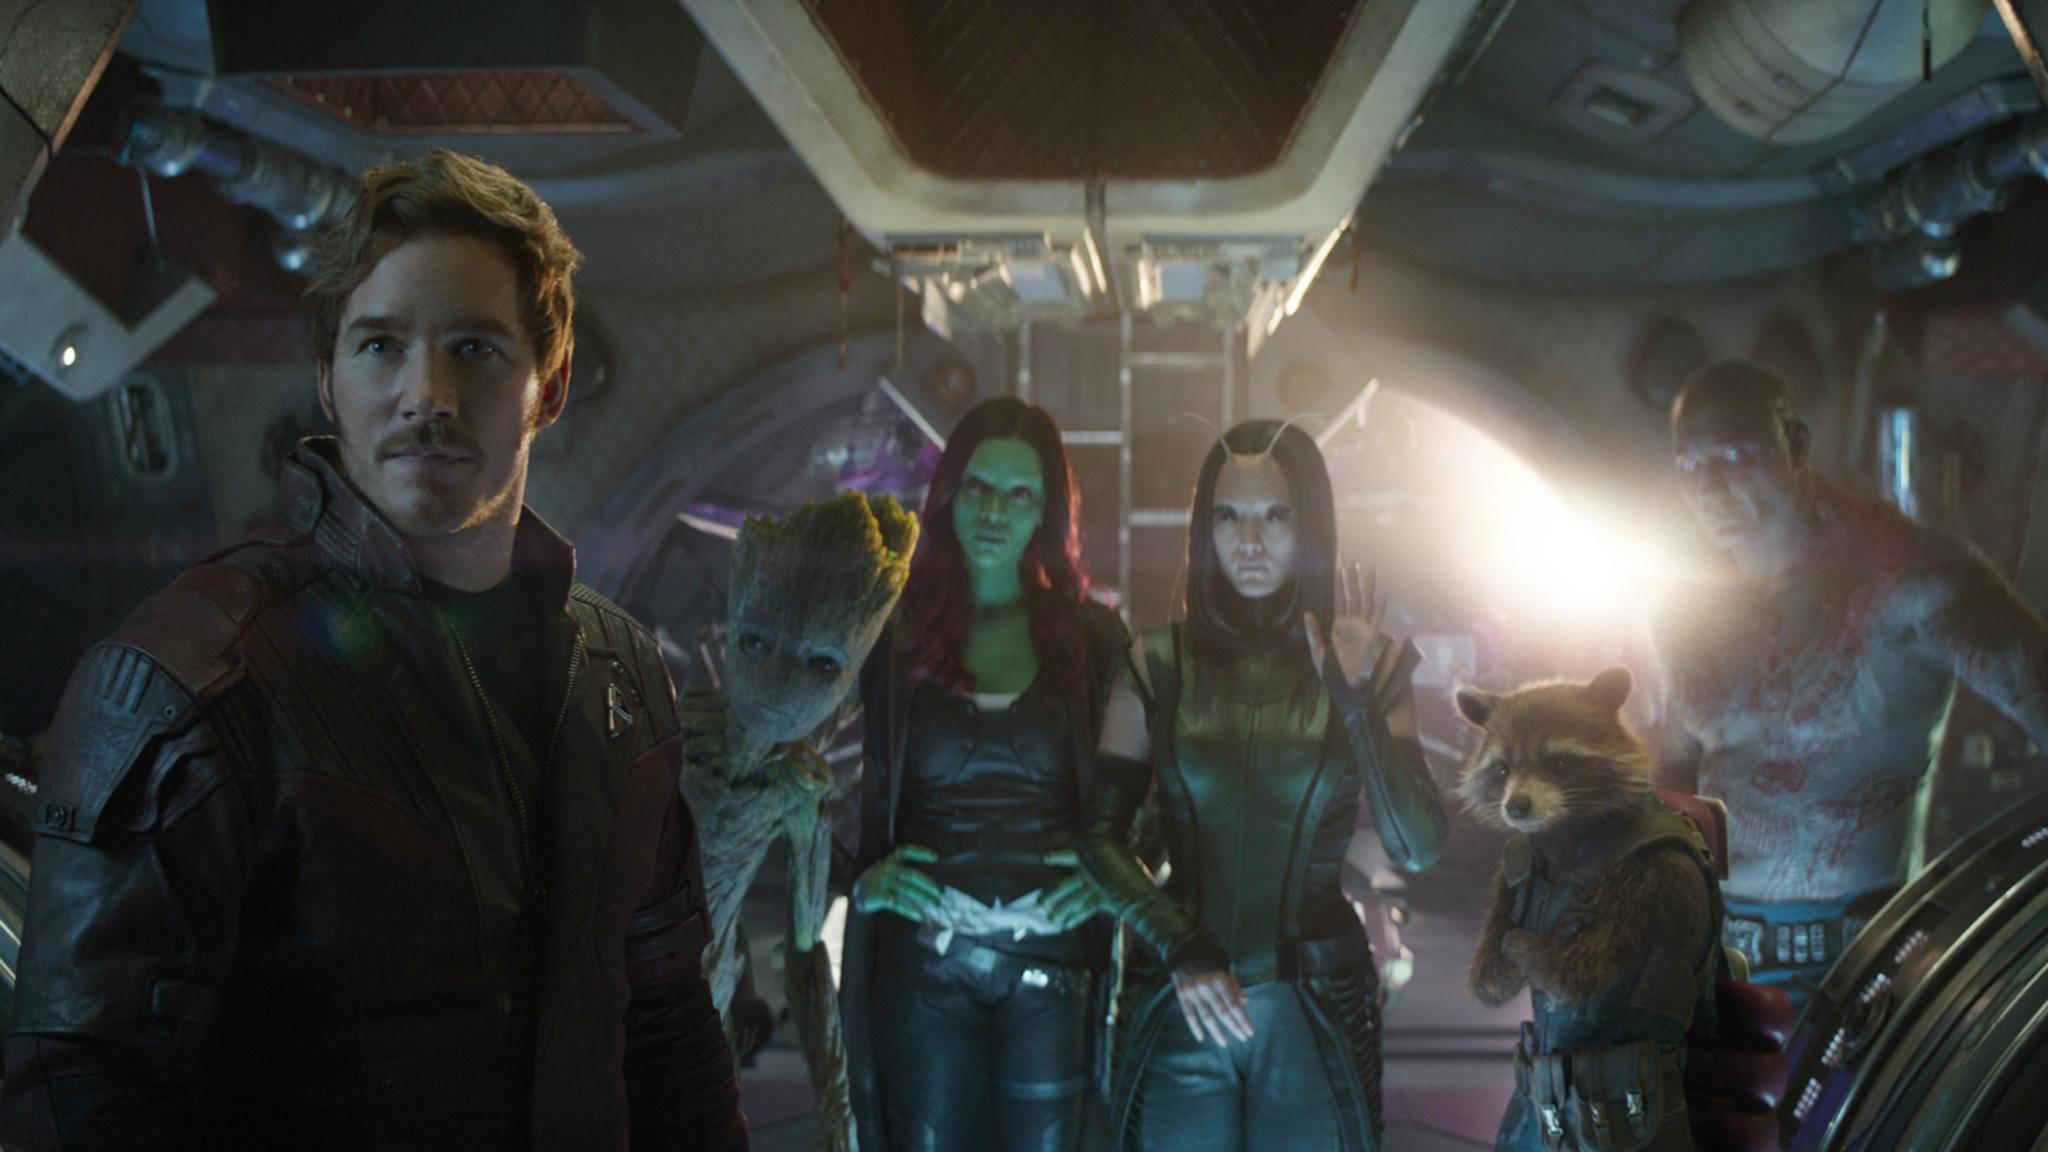 Auch die Guardians sind auf dem Marvel-Klassenfoto zu sehen – selbst Vin Diesel, der Baum-Alien Groot lediglich seine Stimme lieh.